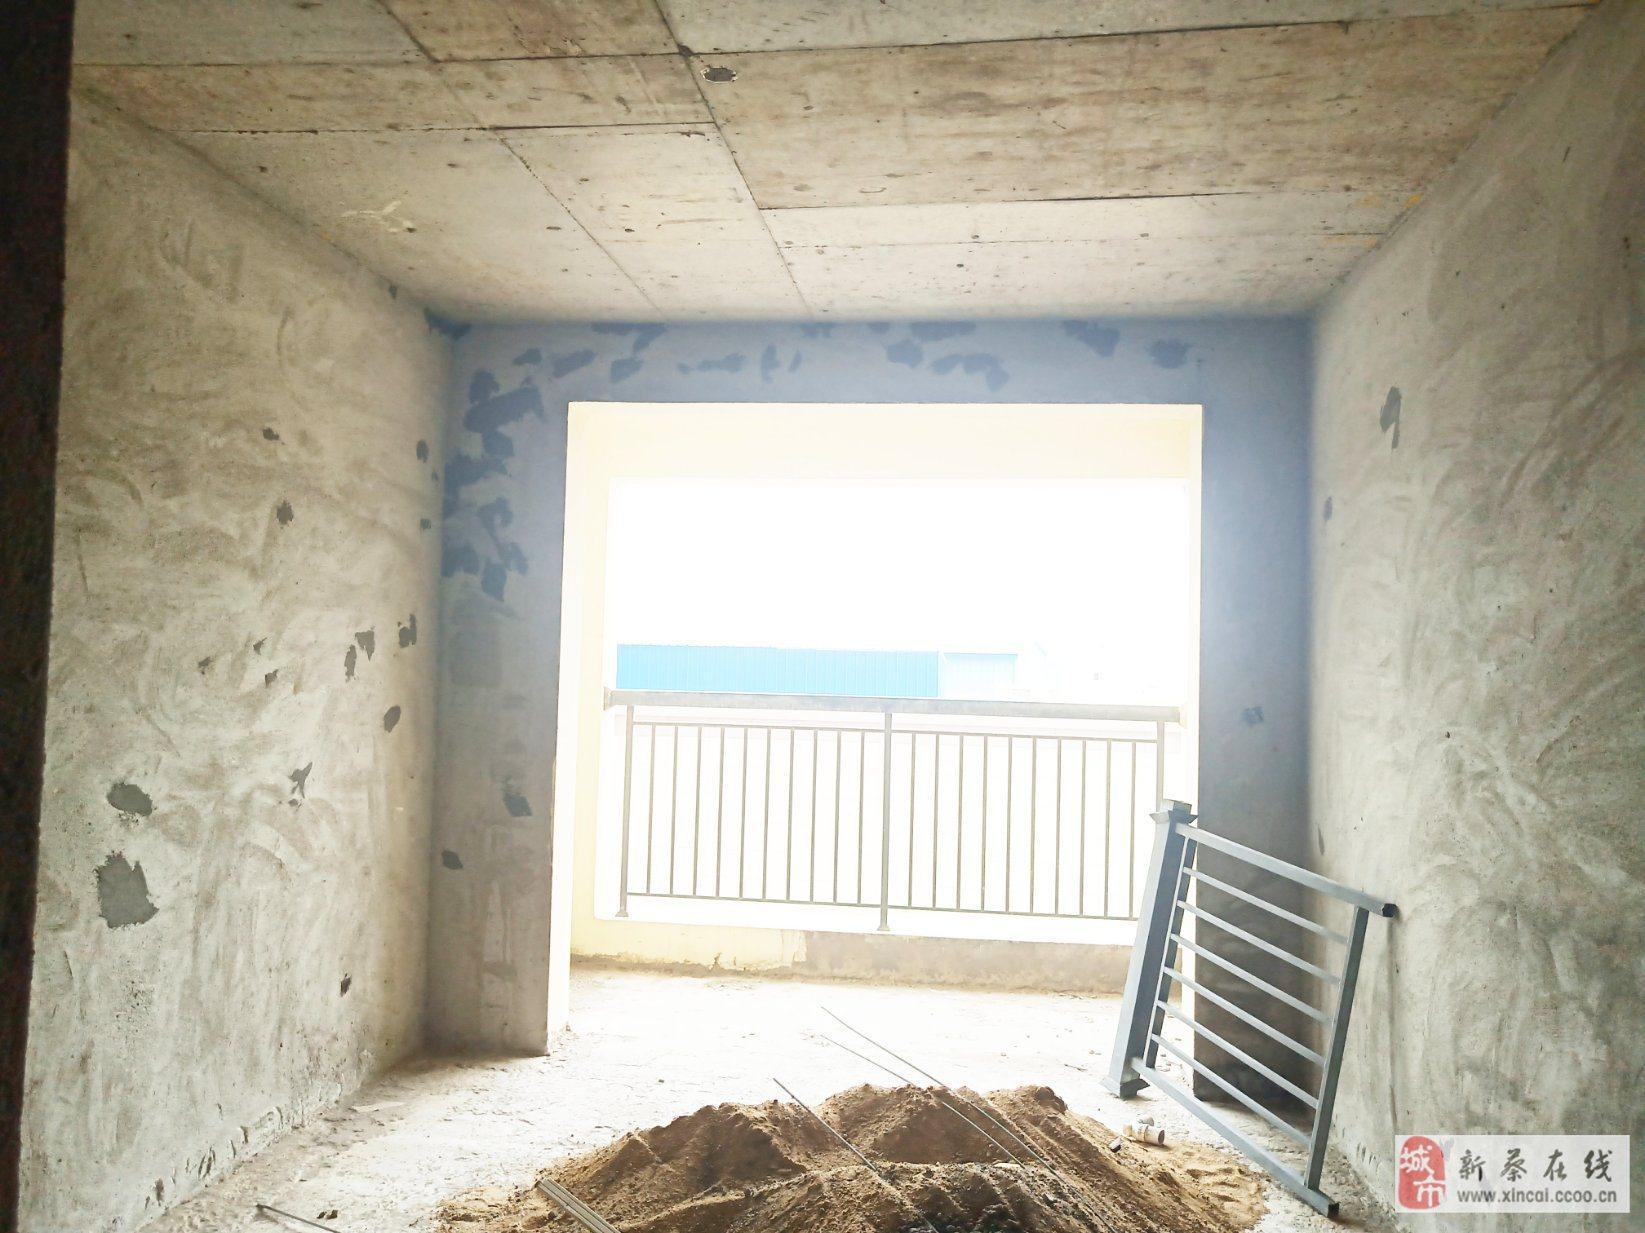 金瀾府喜盈門樓上電梯有房產證2室2廳1衛39萬元